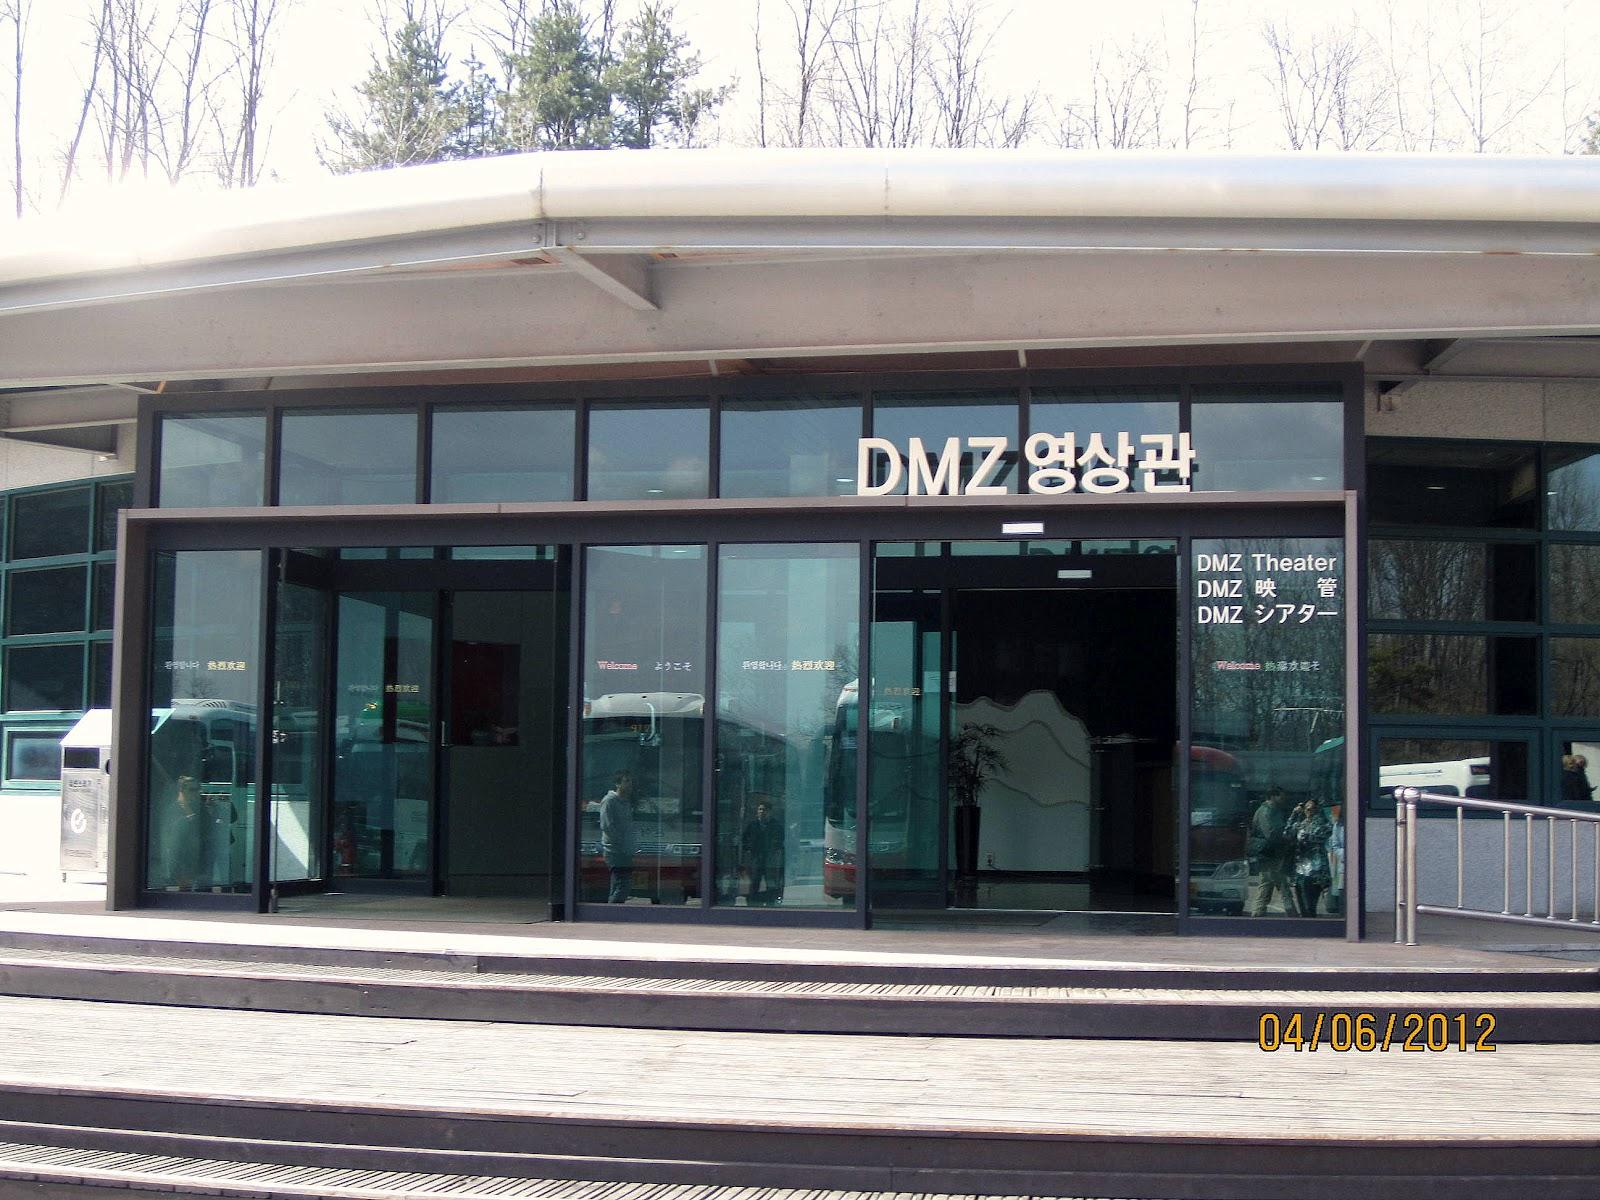 dmz theater